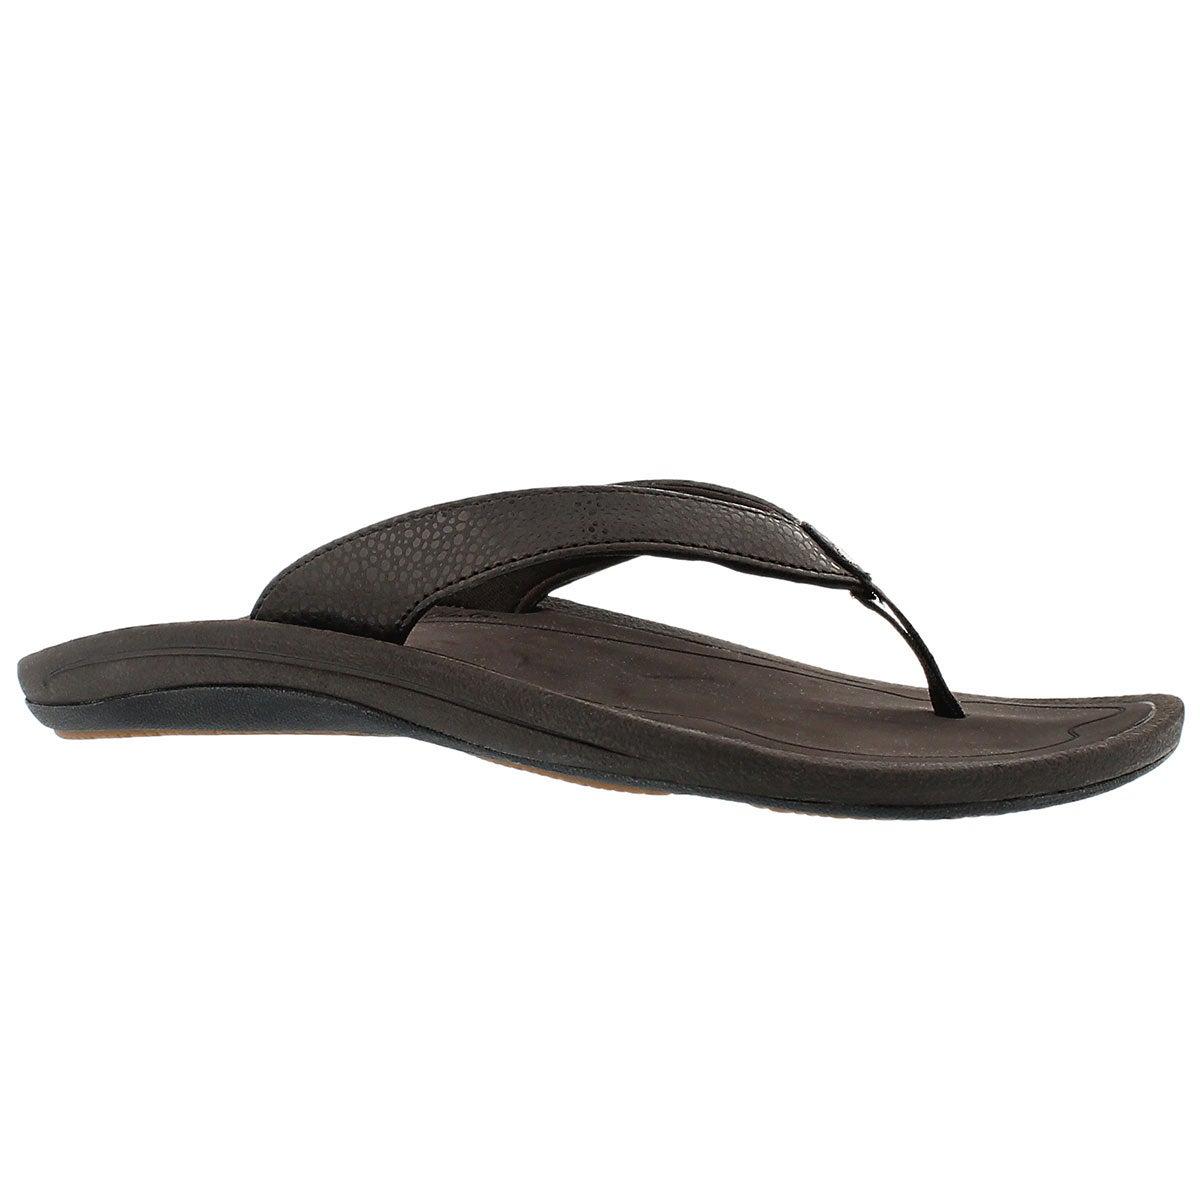 Lds Kulapa Kai dark java thong sandal